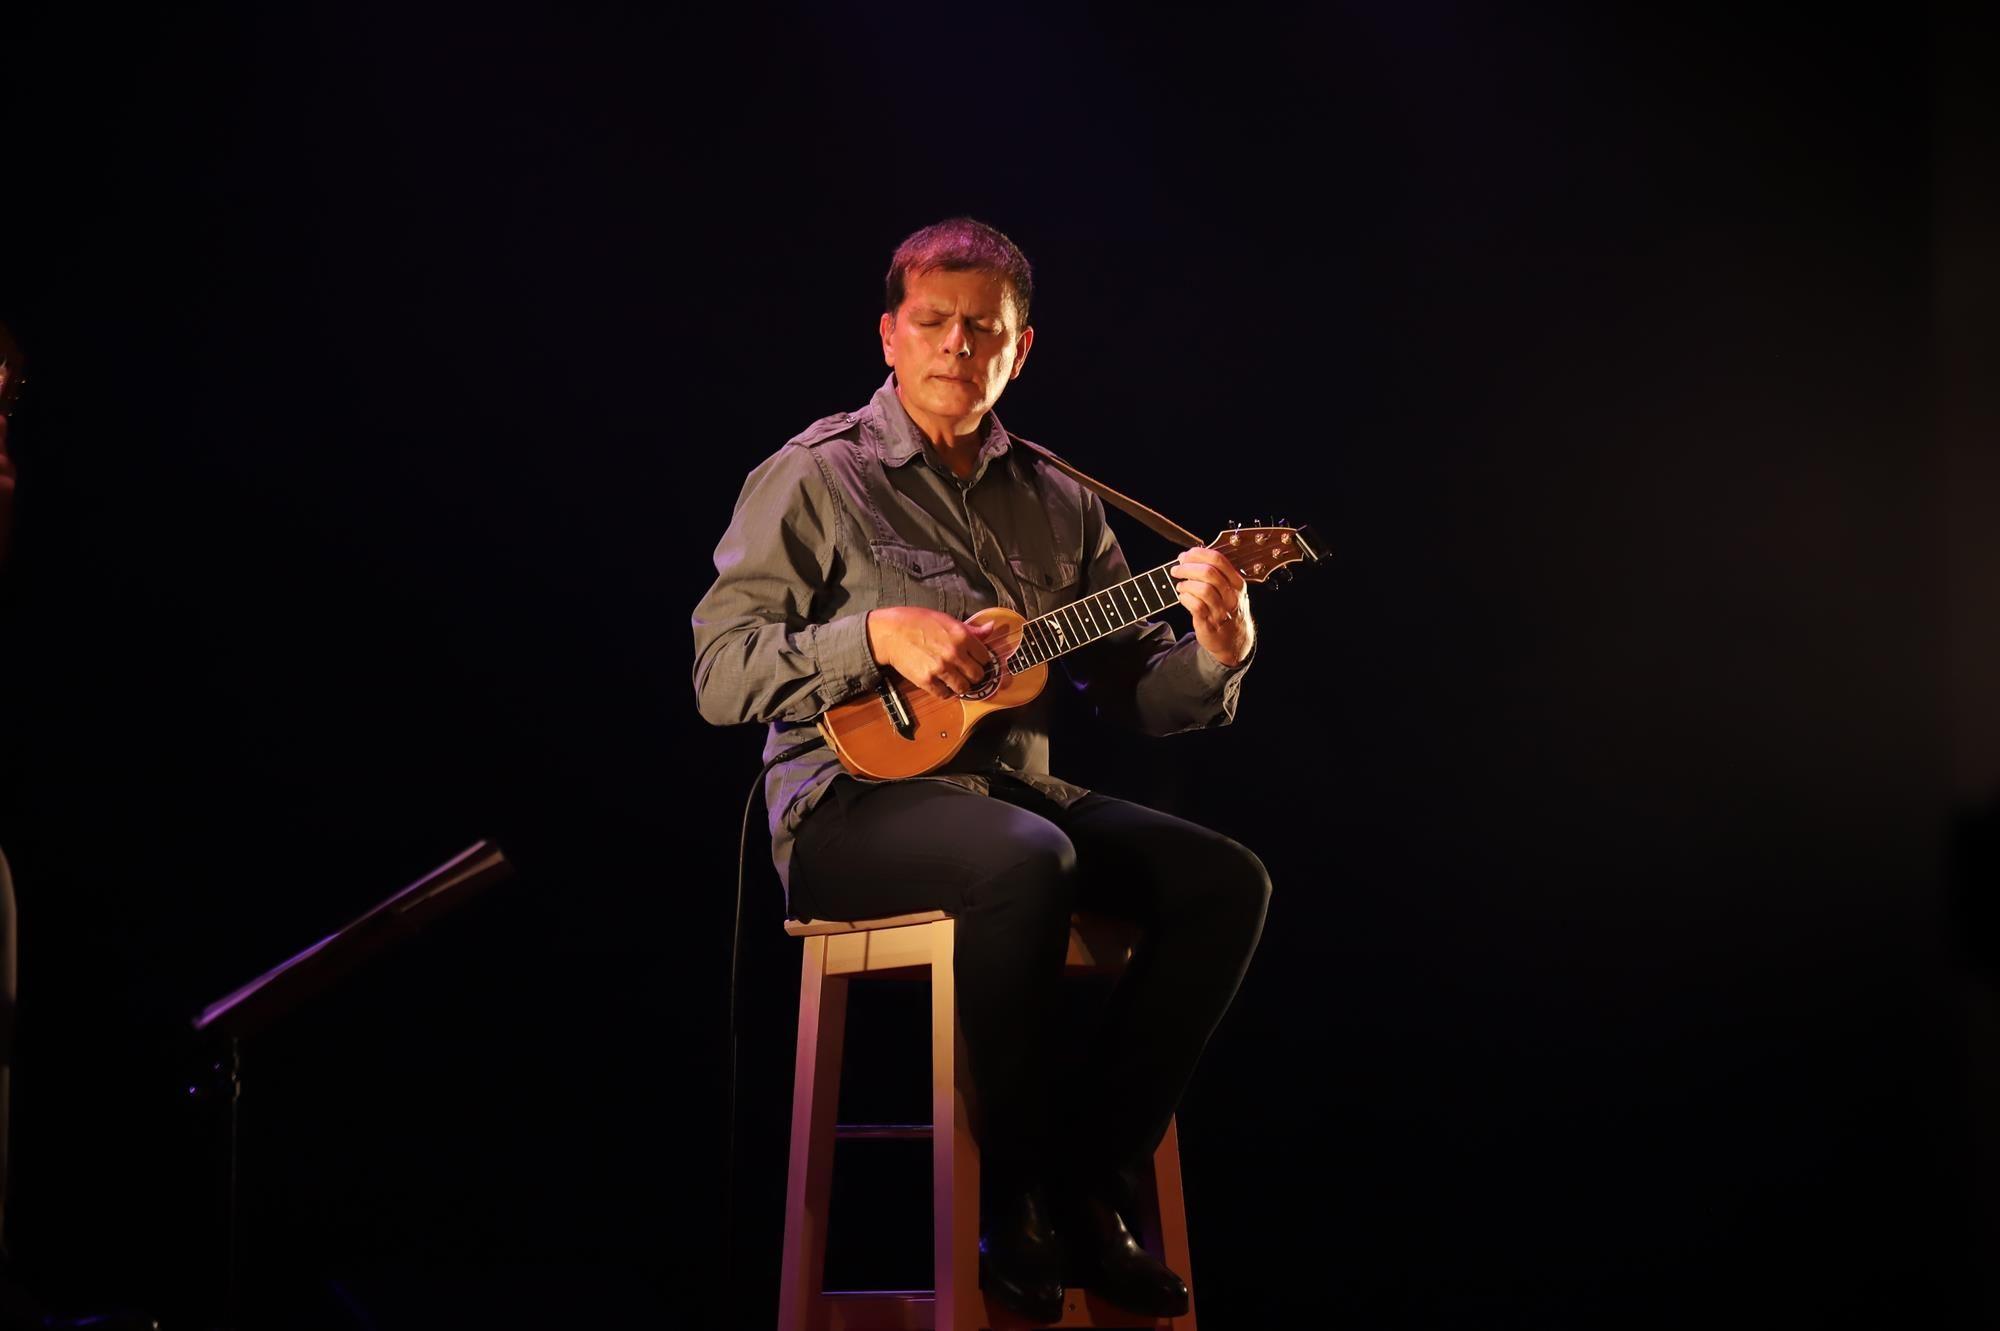 Benito Cabrera en concierto, Teguise